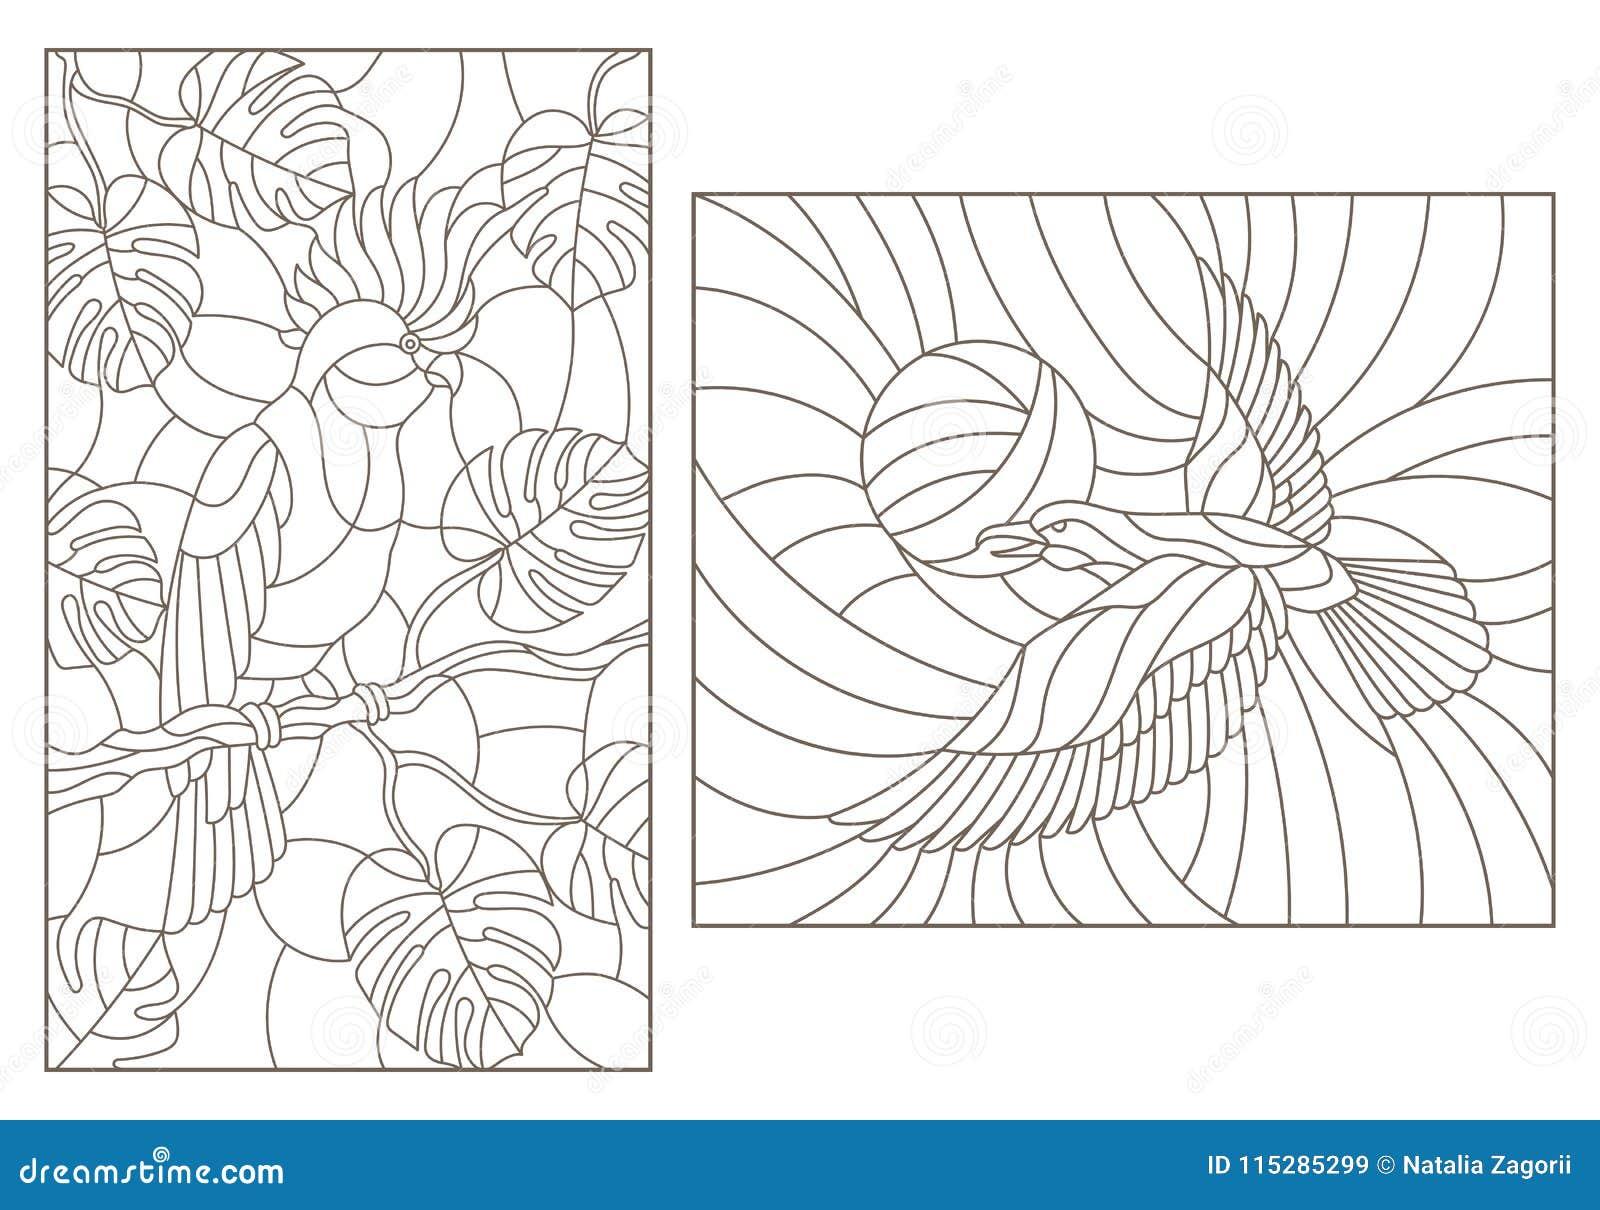 De contour plaatste met illustraties van gebrandschilderd glas met vogels, een papegaai op de takken van installaties en de kraai